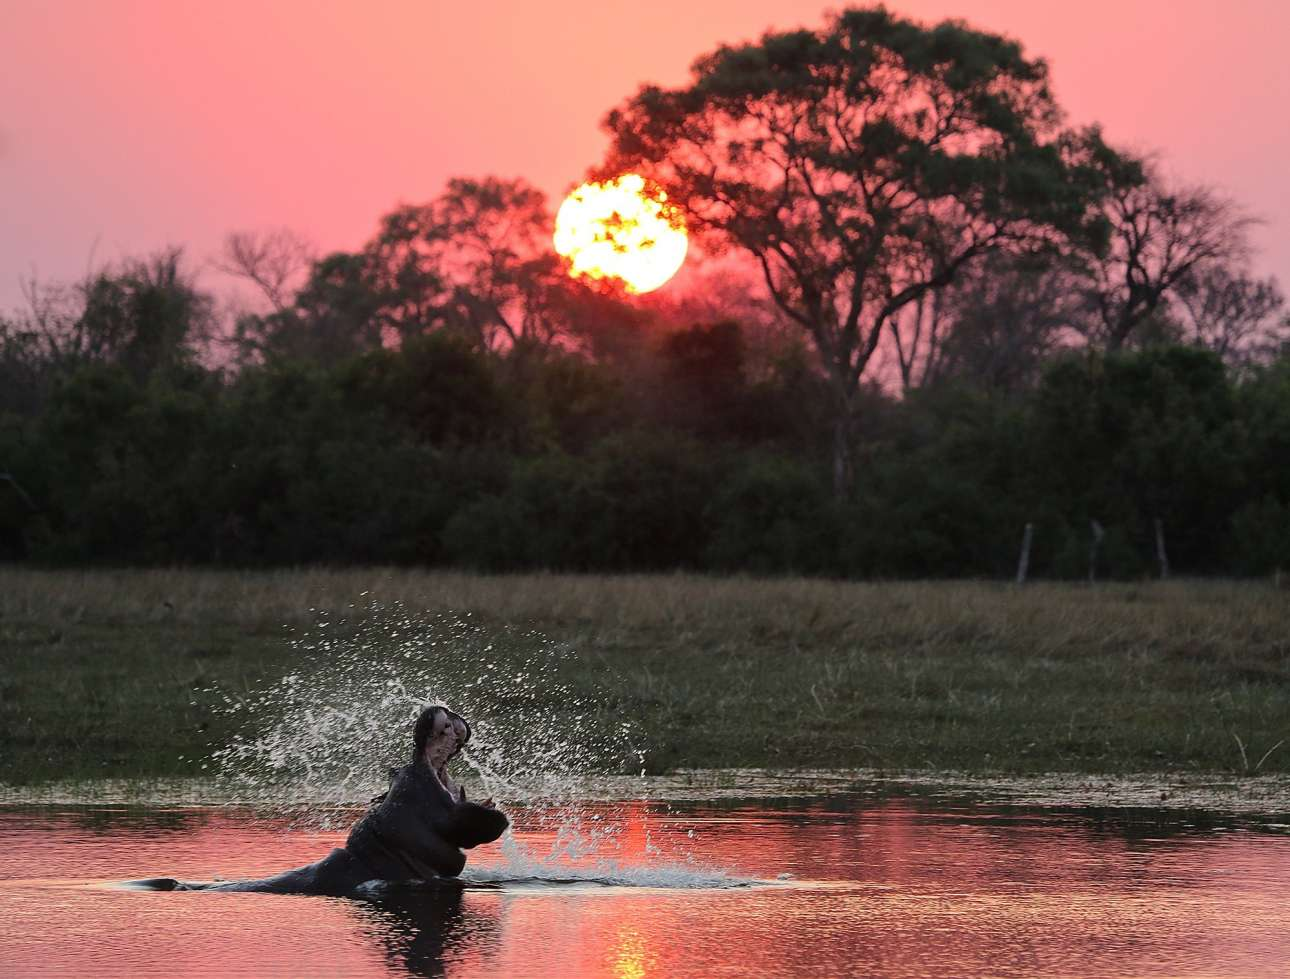 4 Οκτ. Ιπποπόταμος «κυνηγά» τον ήλιο και ο φωτογράφος Τζέρεμι Κιούζακ διακρίνεται στην ομώνυμη κατηγορία («Κυνηγώντας τον ήλιο») στον διαγωνισμό φωτογραφίας της Εταιρείας Ζωολογικών Κήπων Λονδίνου (ZSL) για την Παγκόσμια Ημέρα των Ζώων